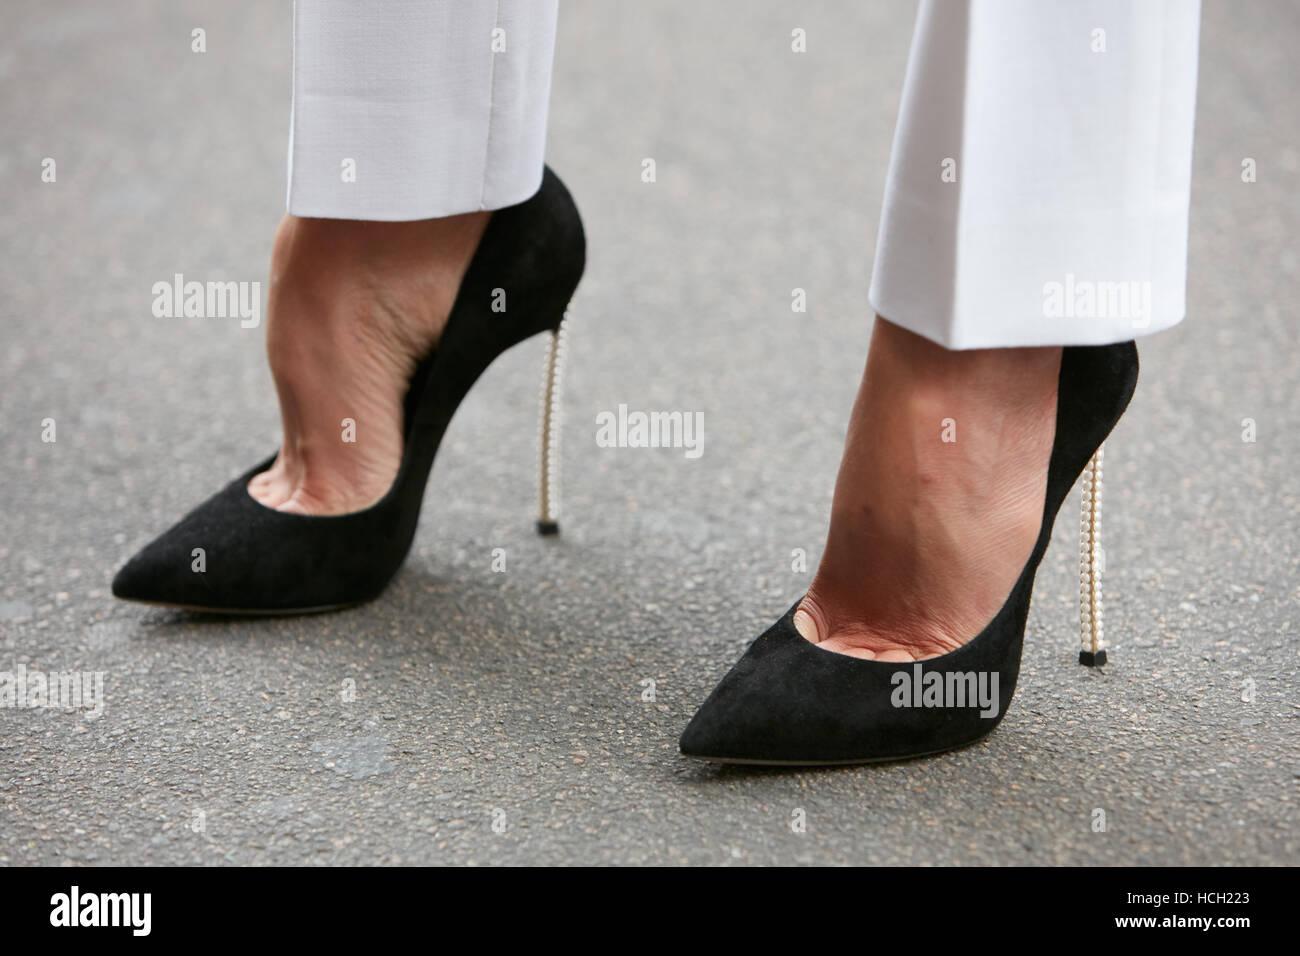 Talons Max Hauts Noir Chaussures Avant Pantalon Blanc Femme Et Avec ZAwx44